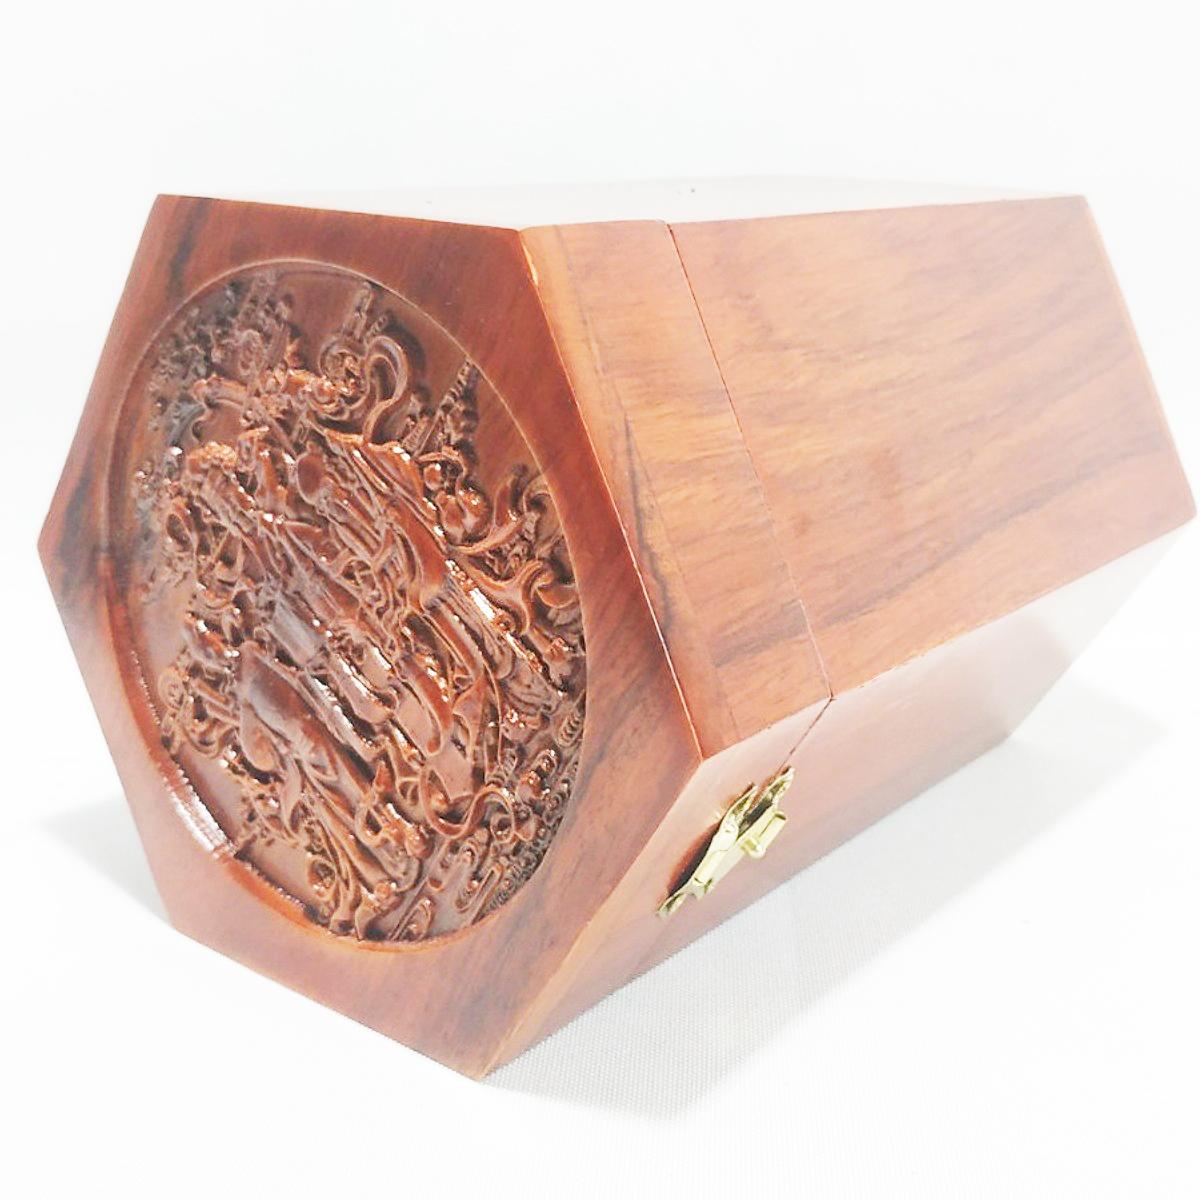 Hộp đựng chè LỤC GIÁC TAM ĐA gỗ hương RAW